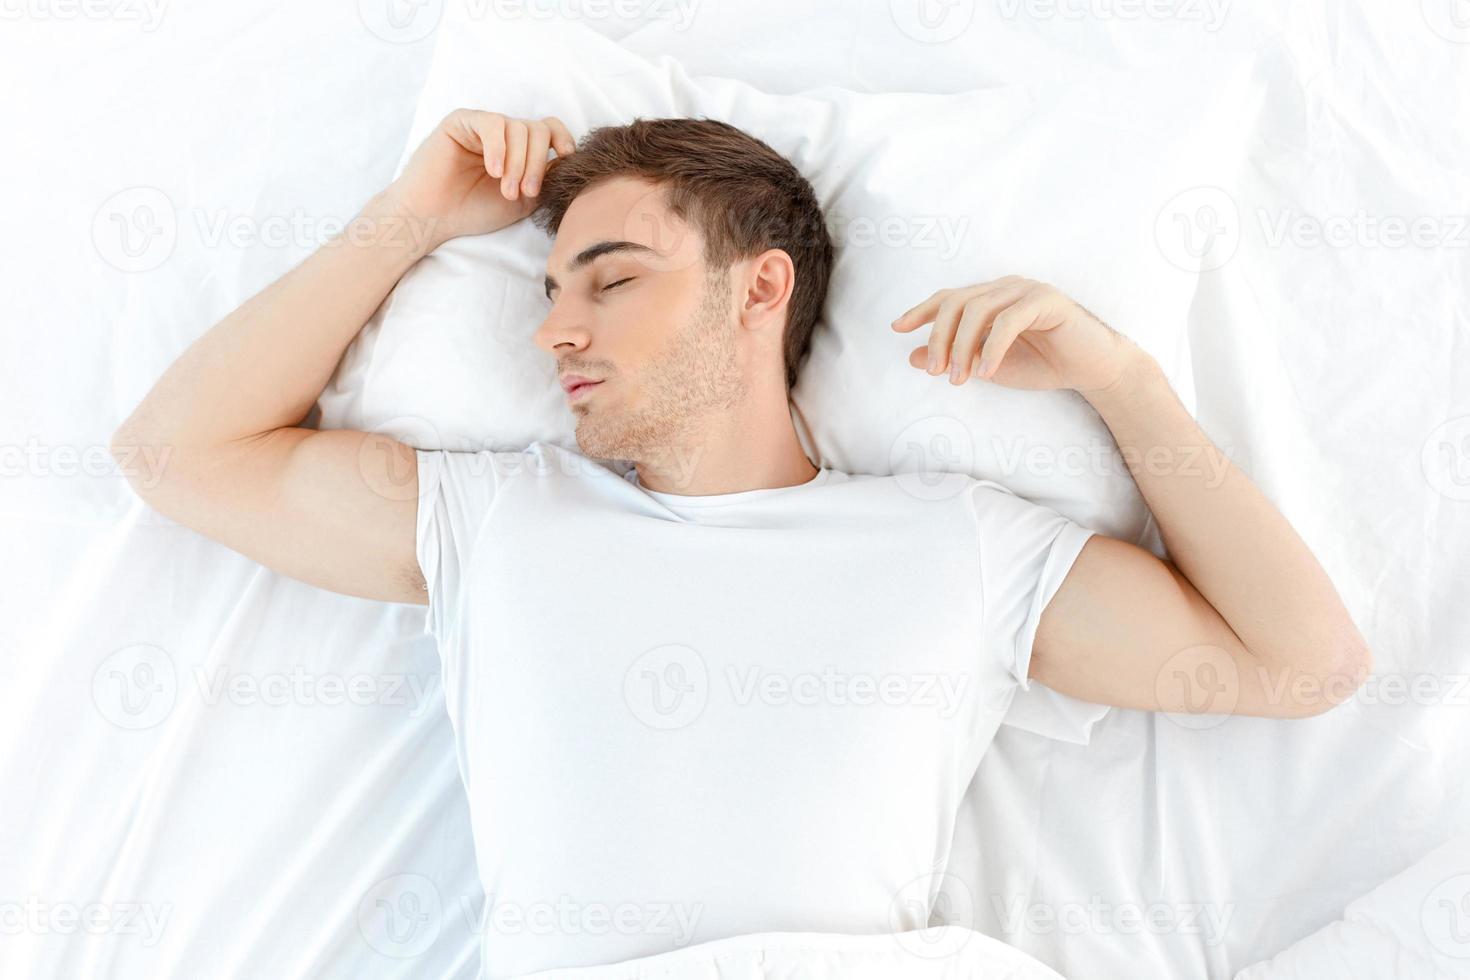 Der hübsche Kerl entspannt sich morgens foto